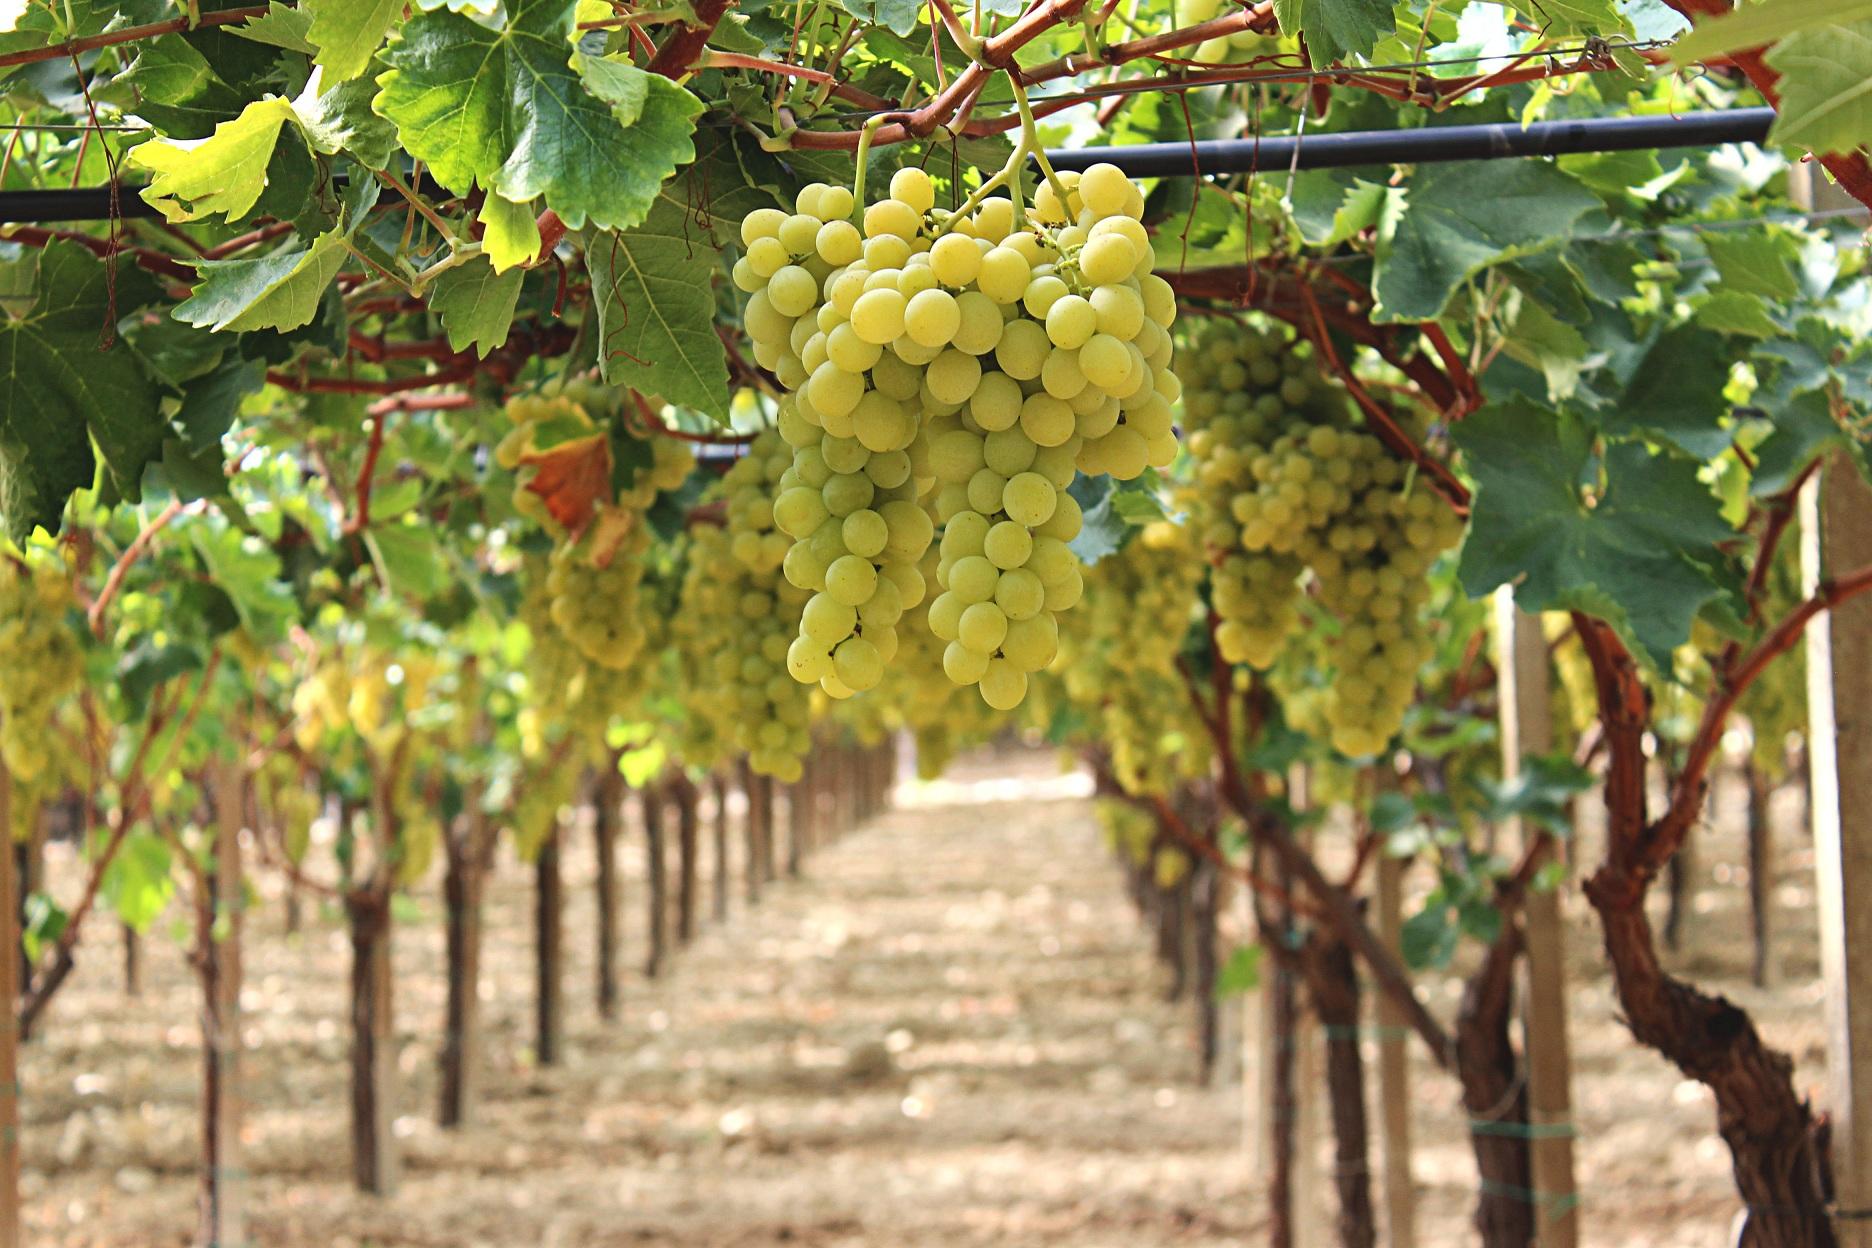 Mazzarrone ct al via l xi edizione del festival internazionale dell uva da tavola igp - Uva da tavola di mazzarrone ...